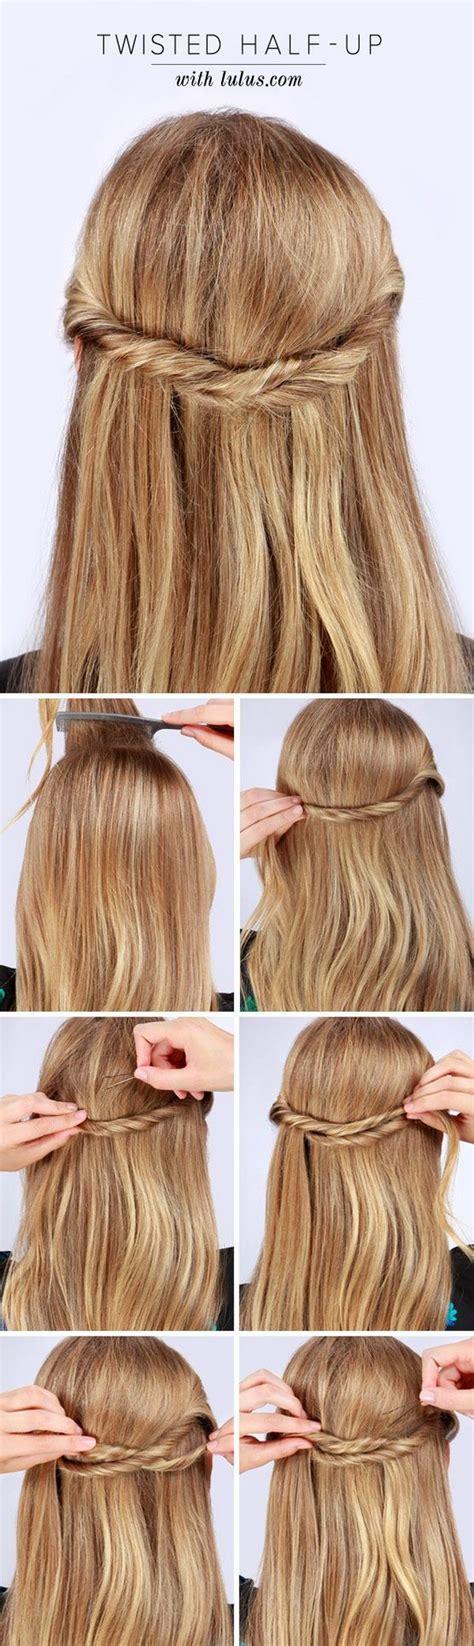 Half Up Half Wedding Hairstyles Step By Step by 55 Stunning Half Up Half Hairstyles